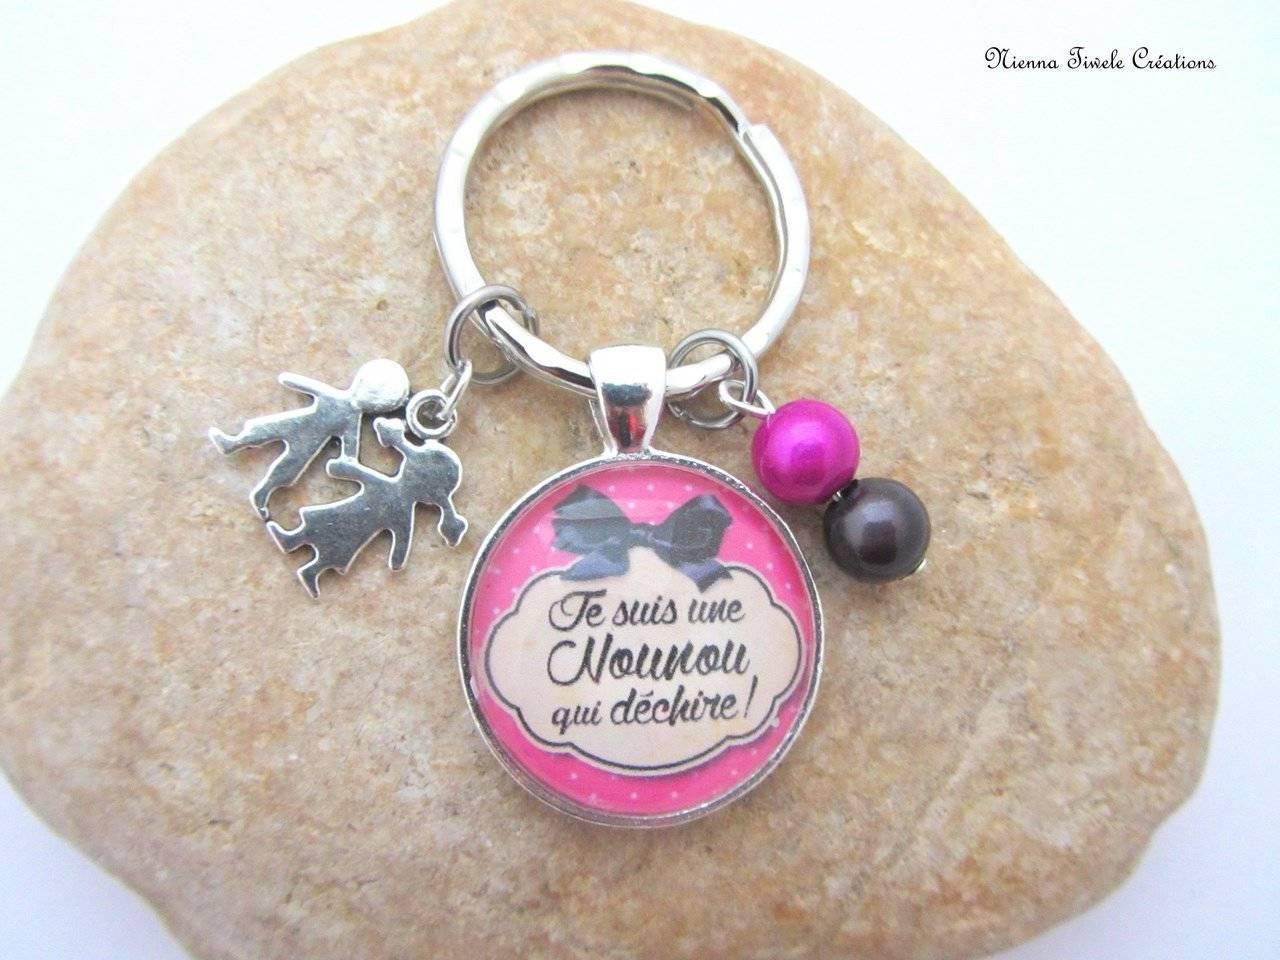 Porte clé personnalisé femme, accessoire sac, cadeau nounou, fait main